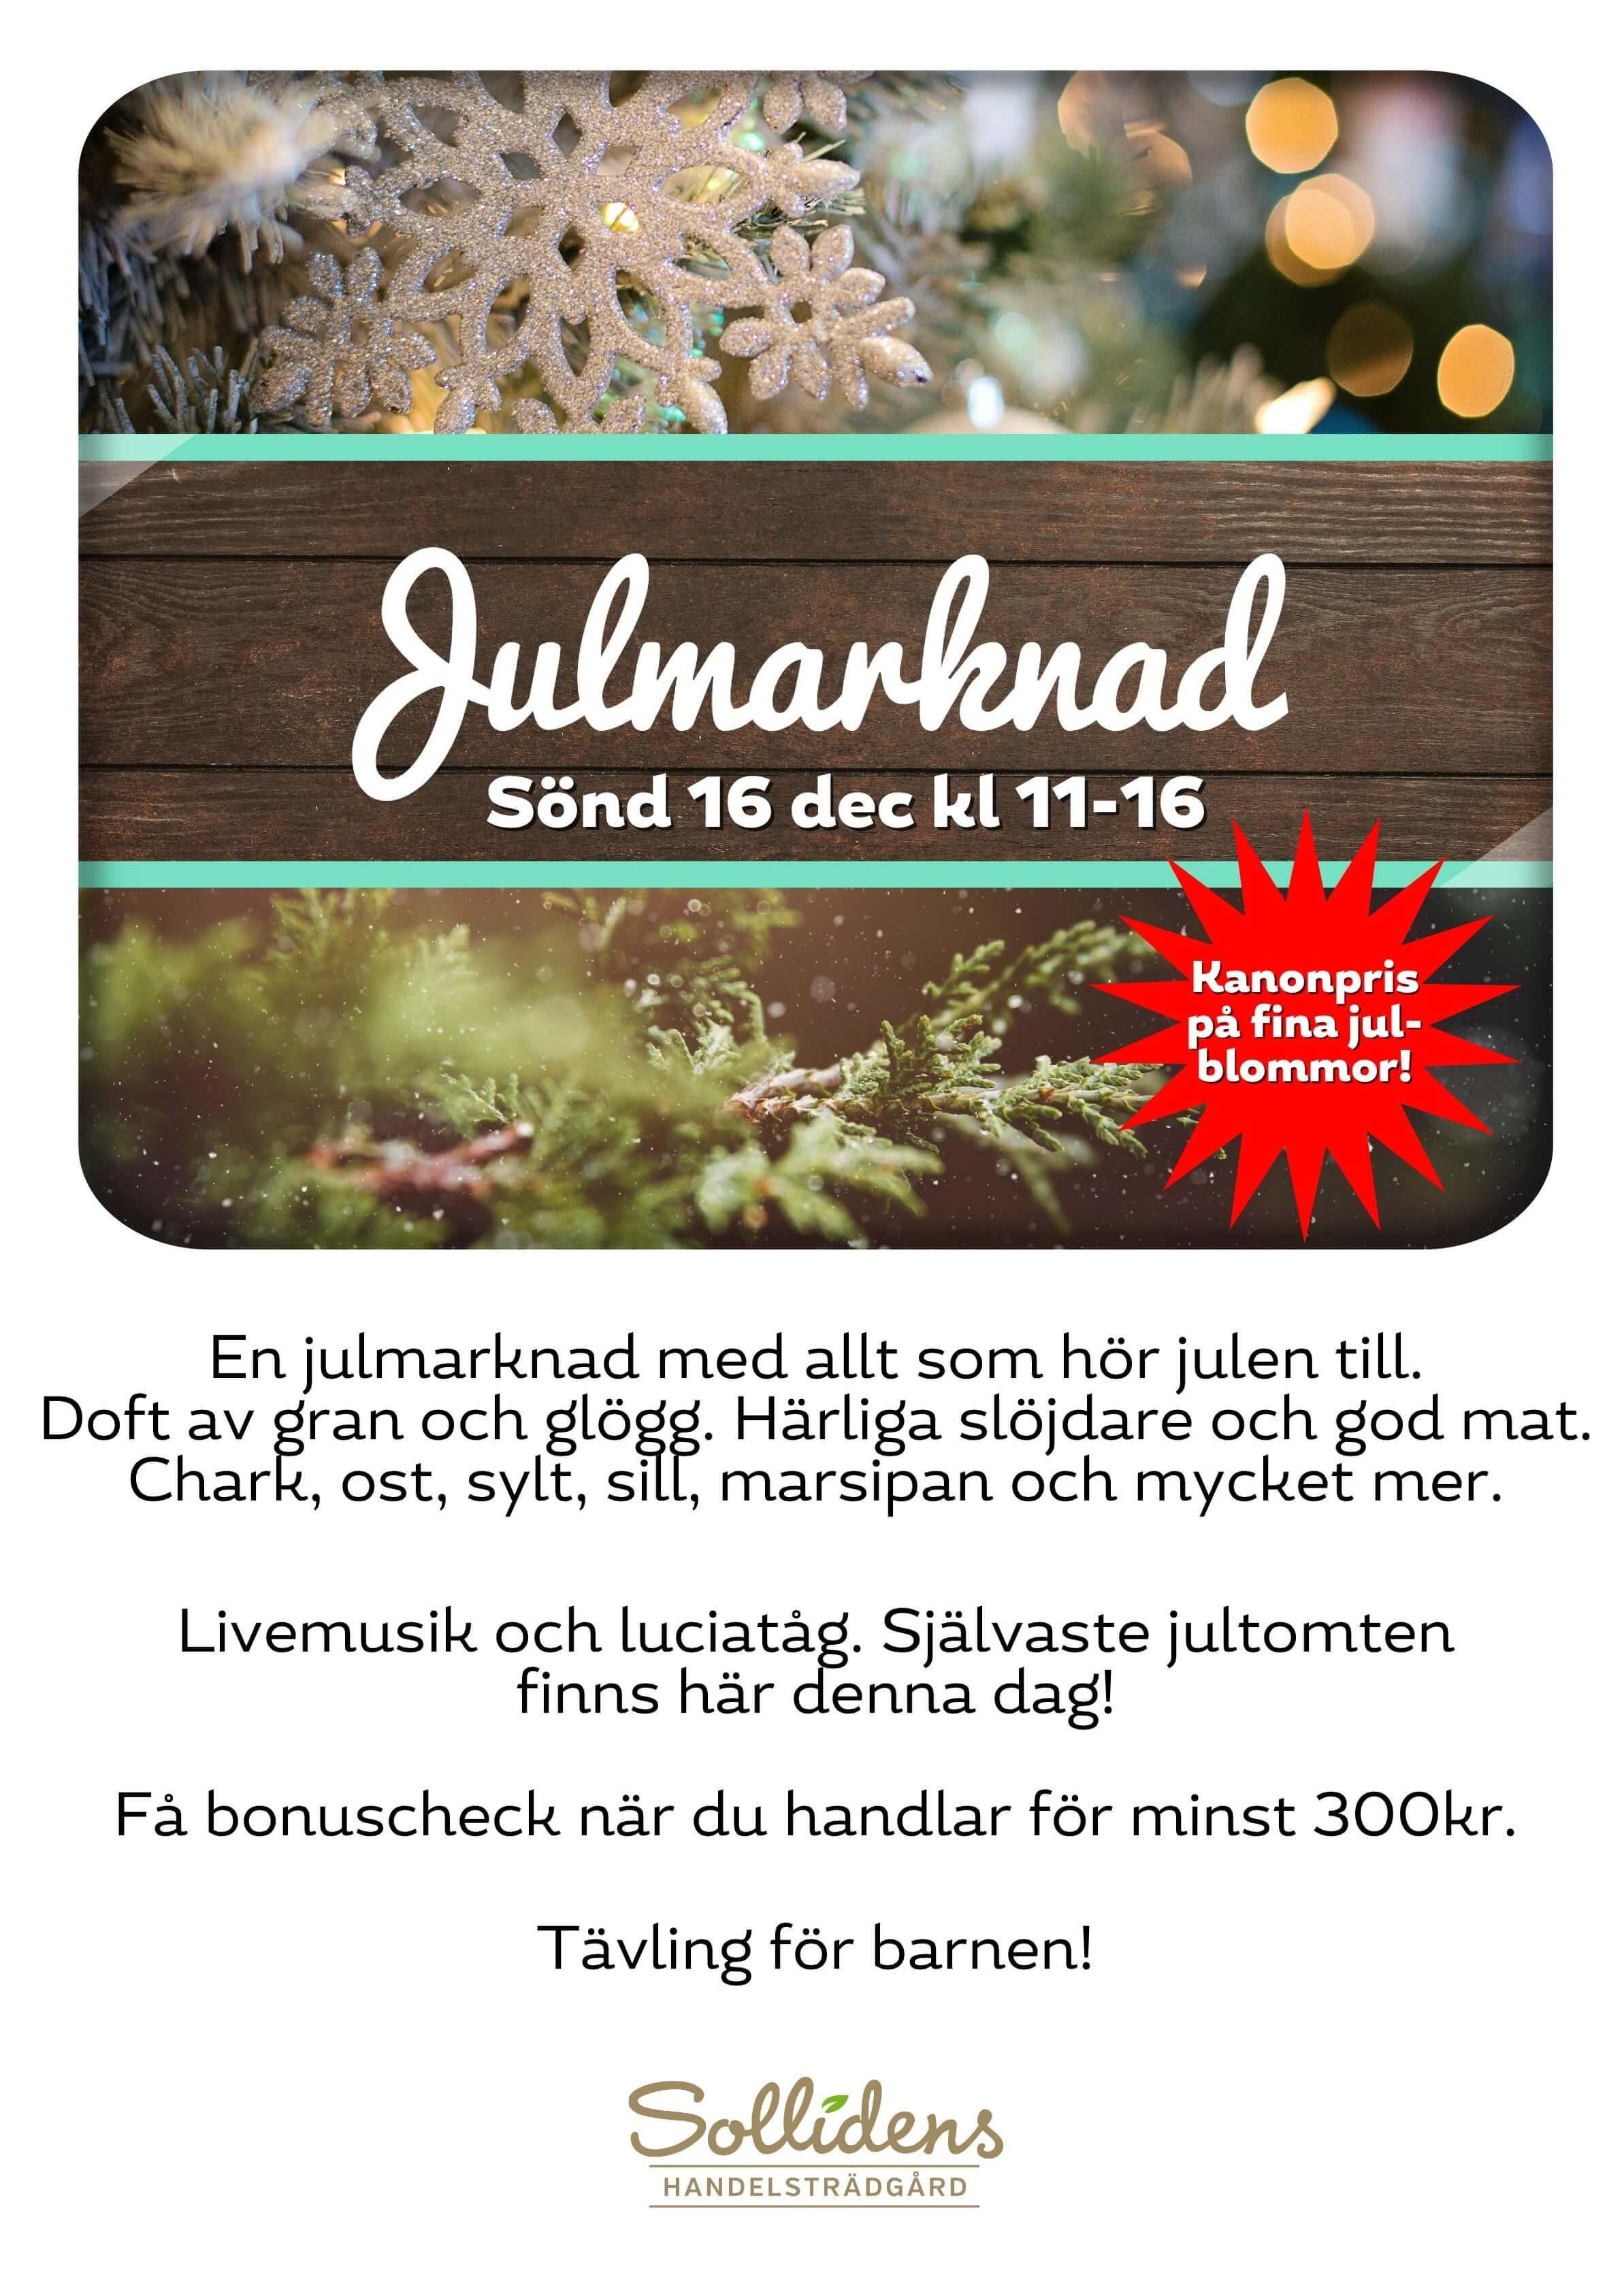 Julmarknad på Solliden 2018 Inbjudan med information.